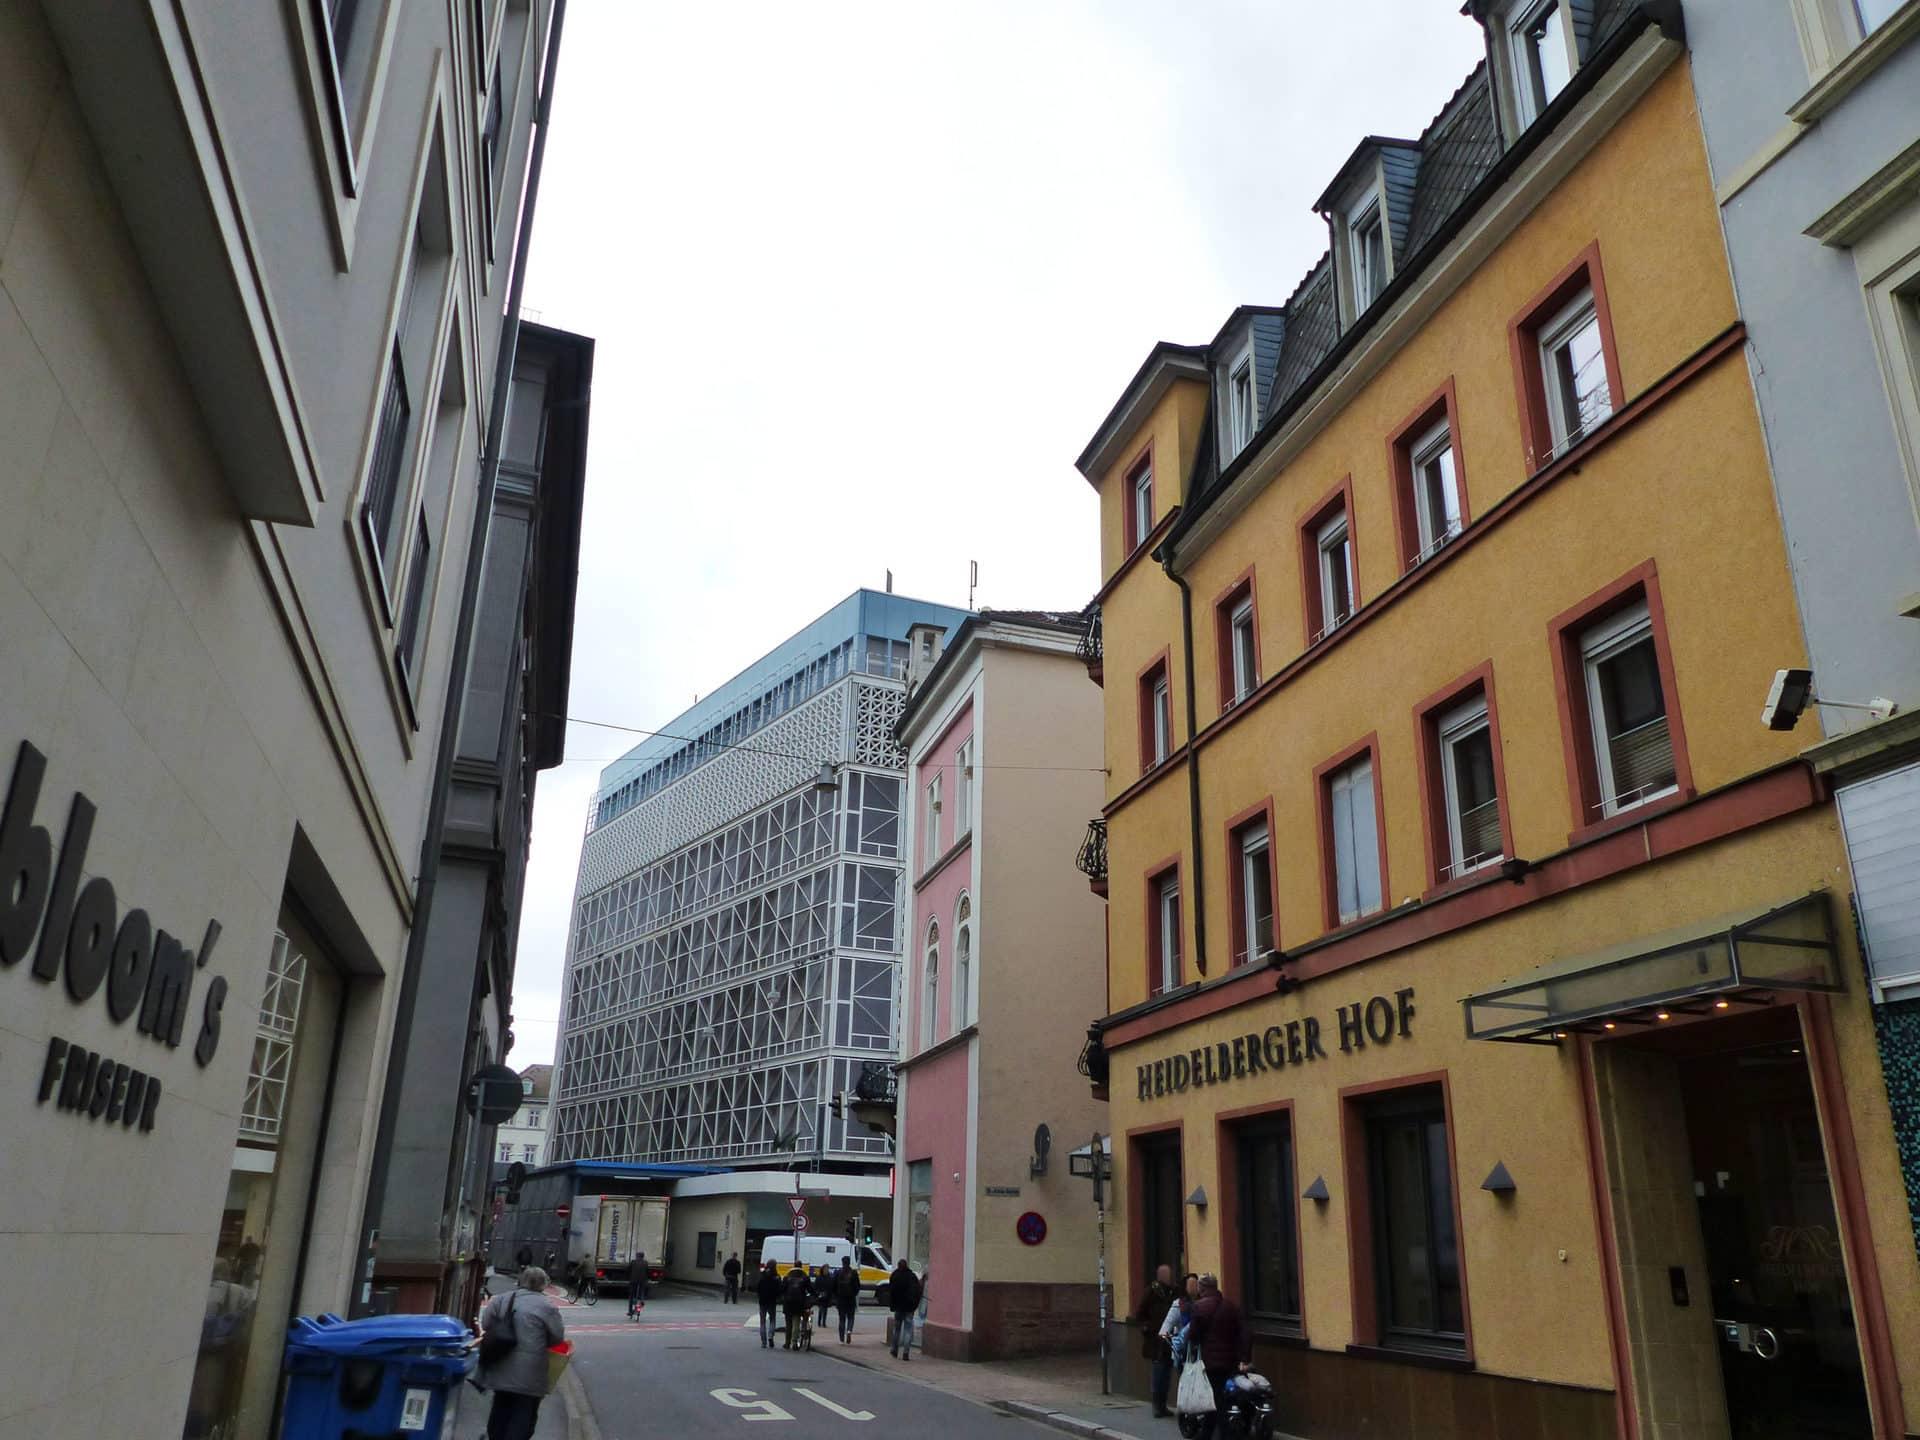 Heidelberger Hof